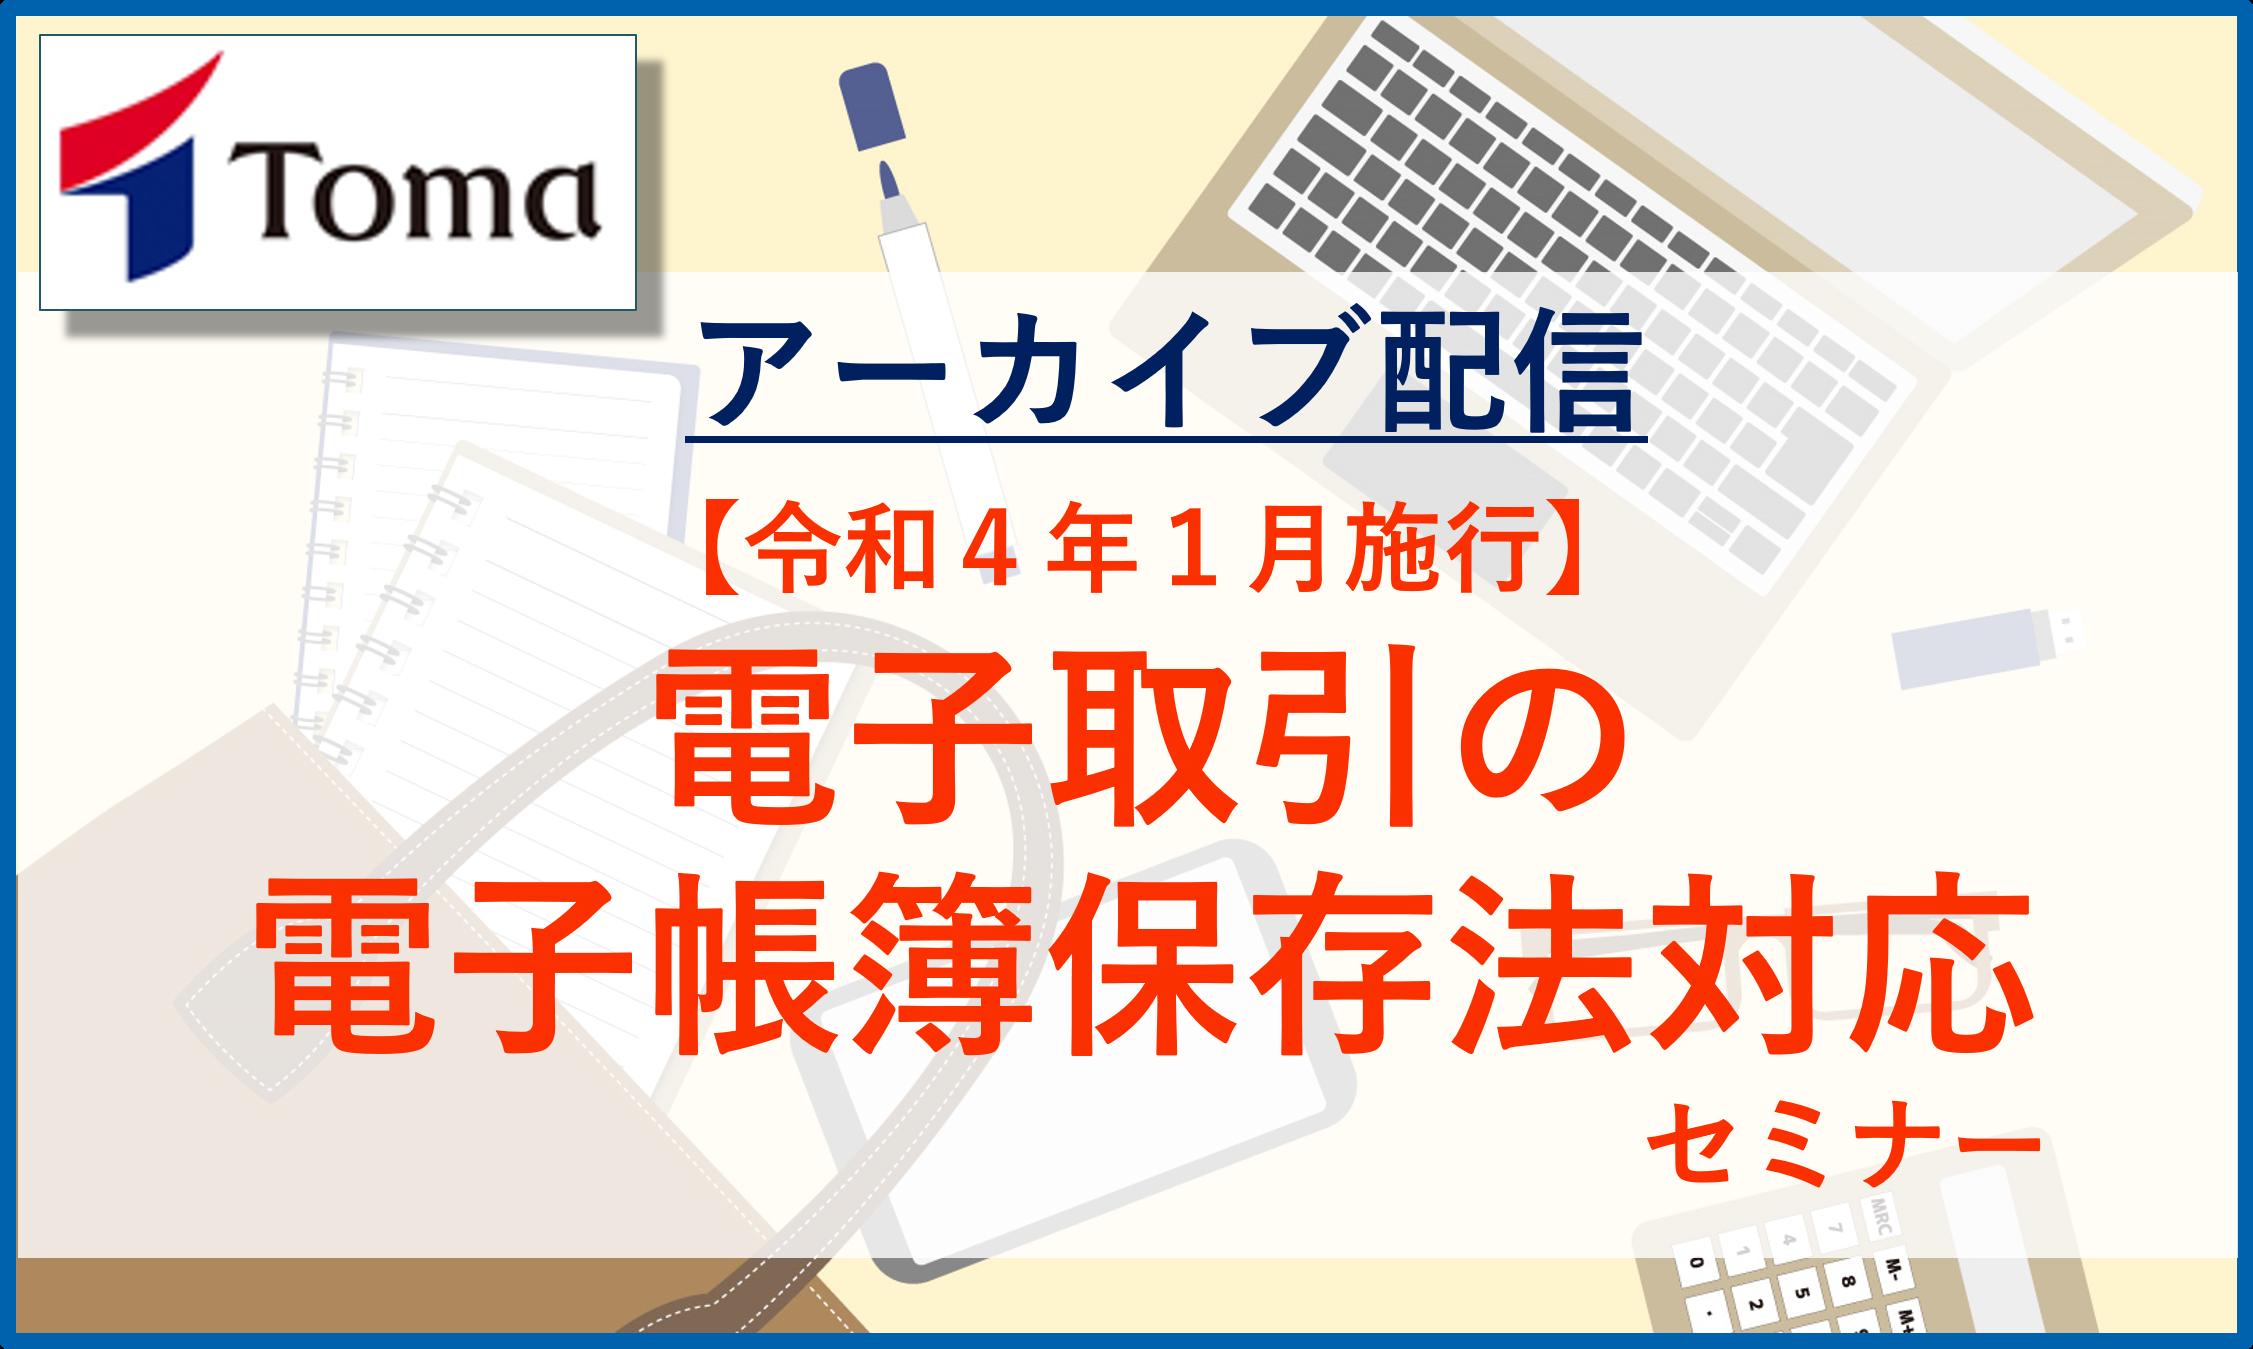 TOMAコンサルタンツグループ 株式会社